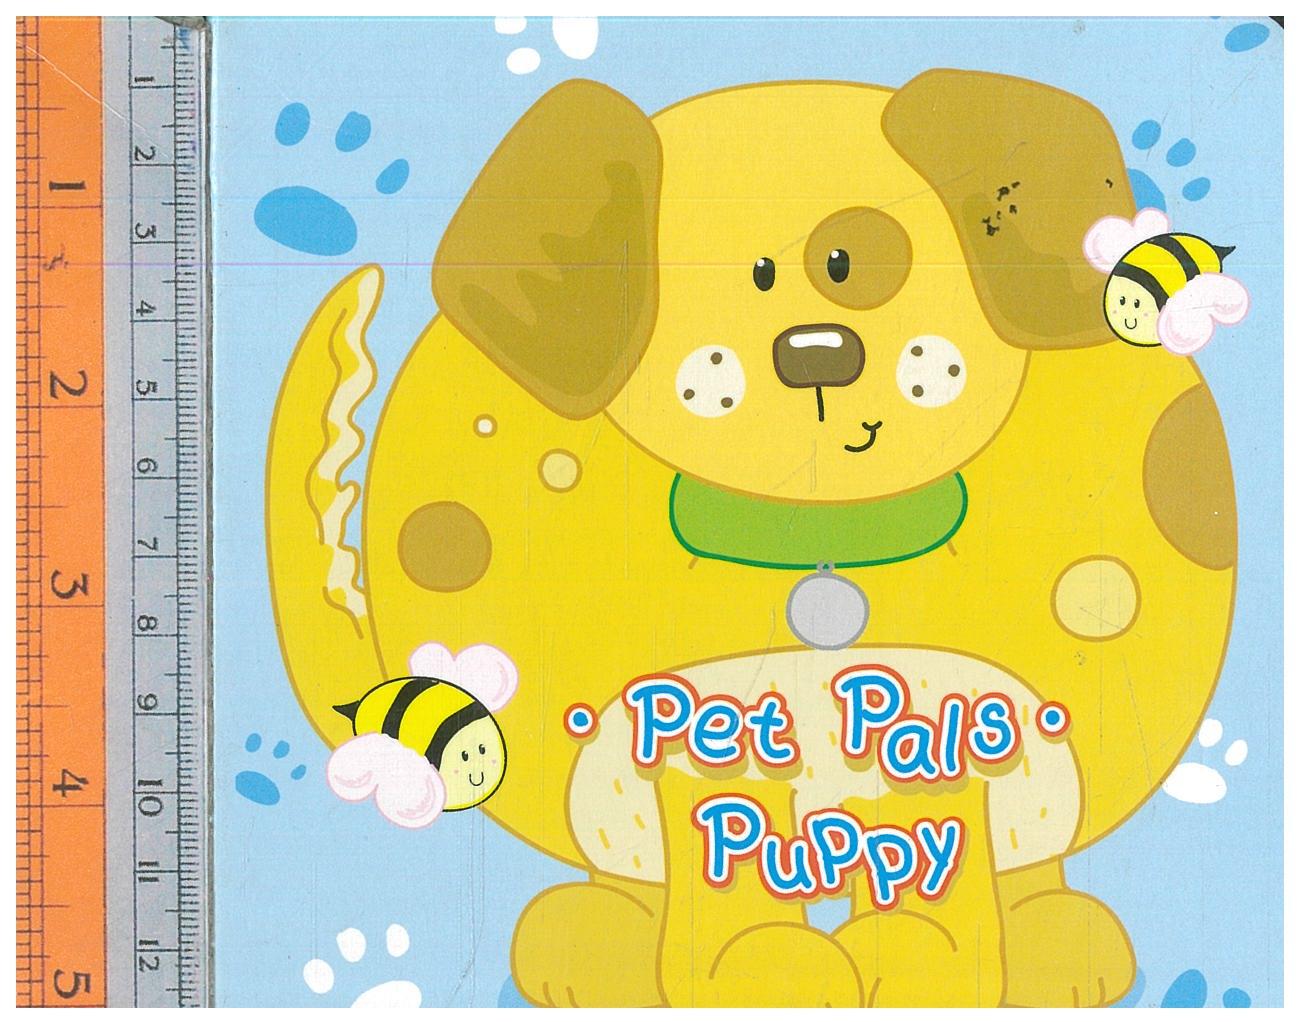 Pet pals puppy